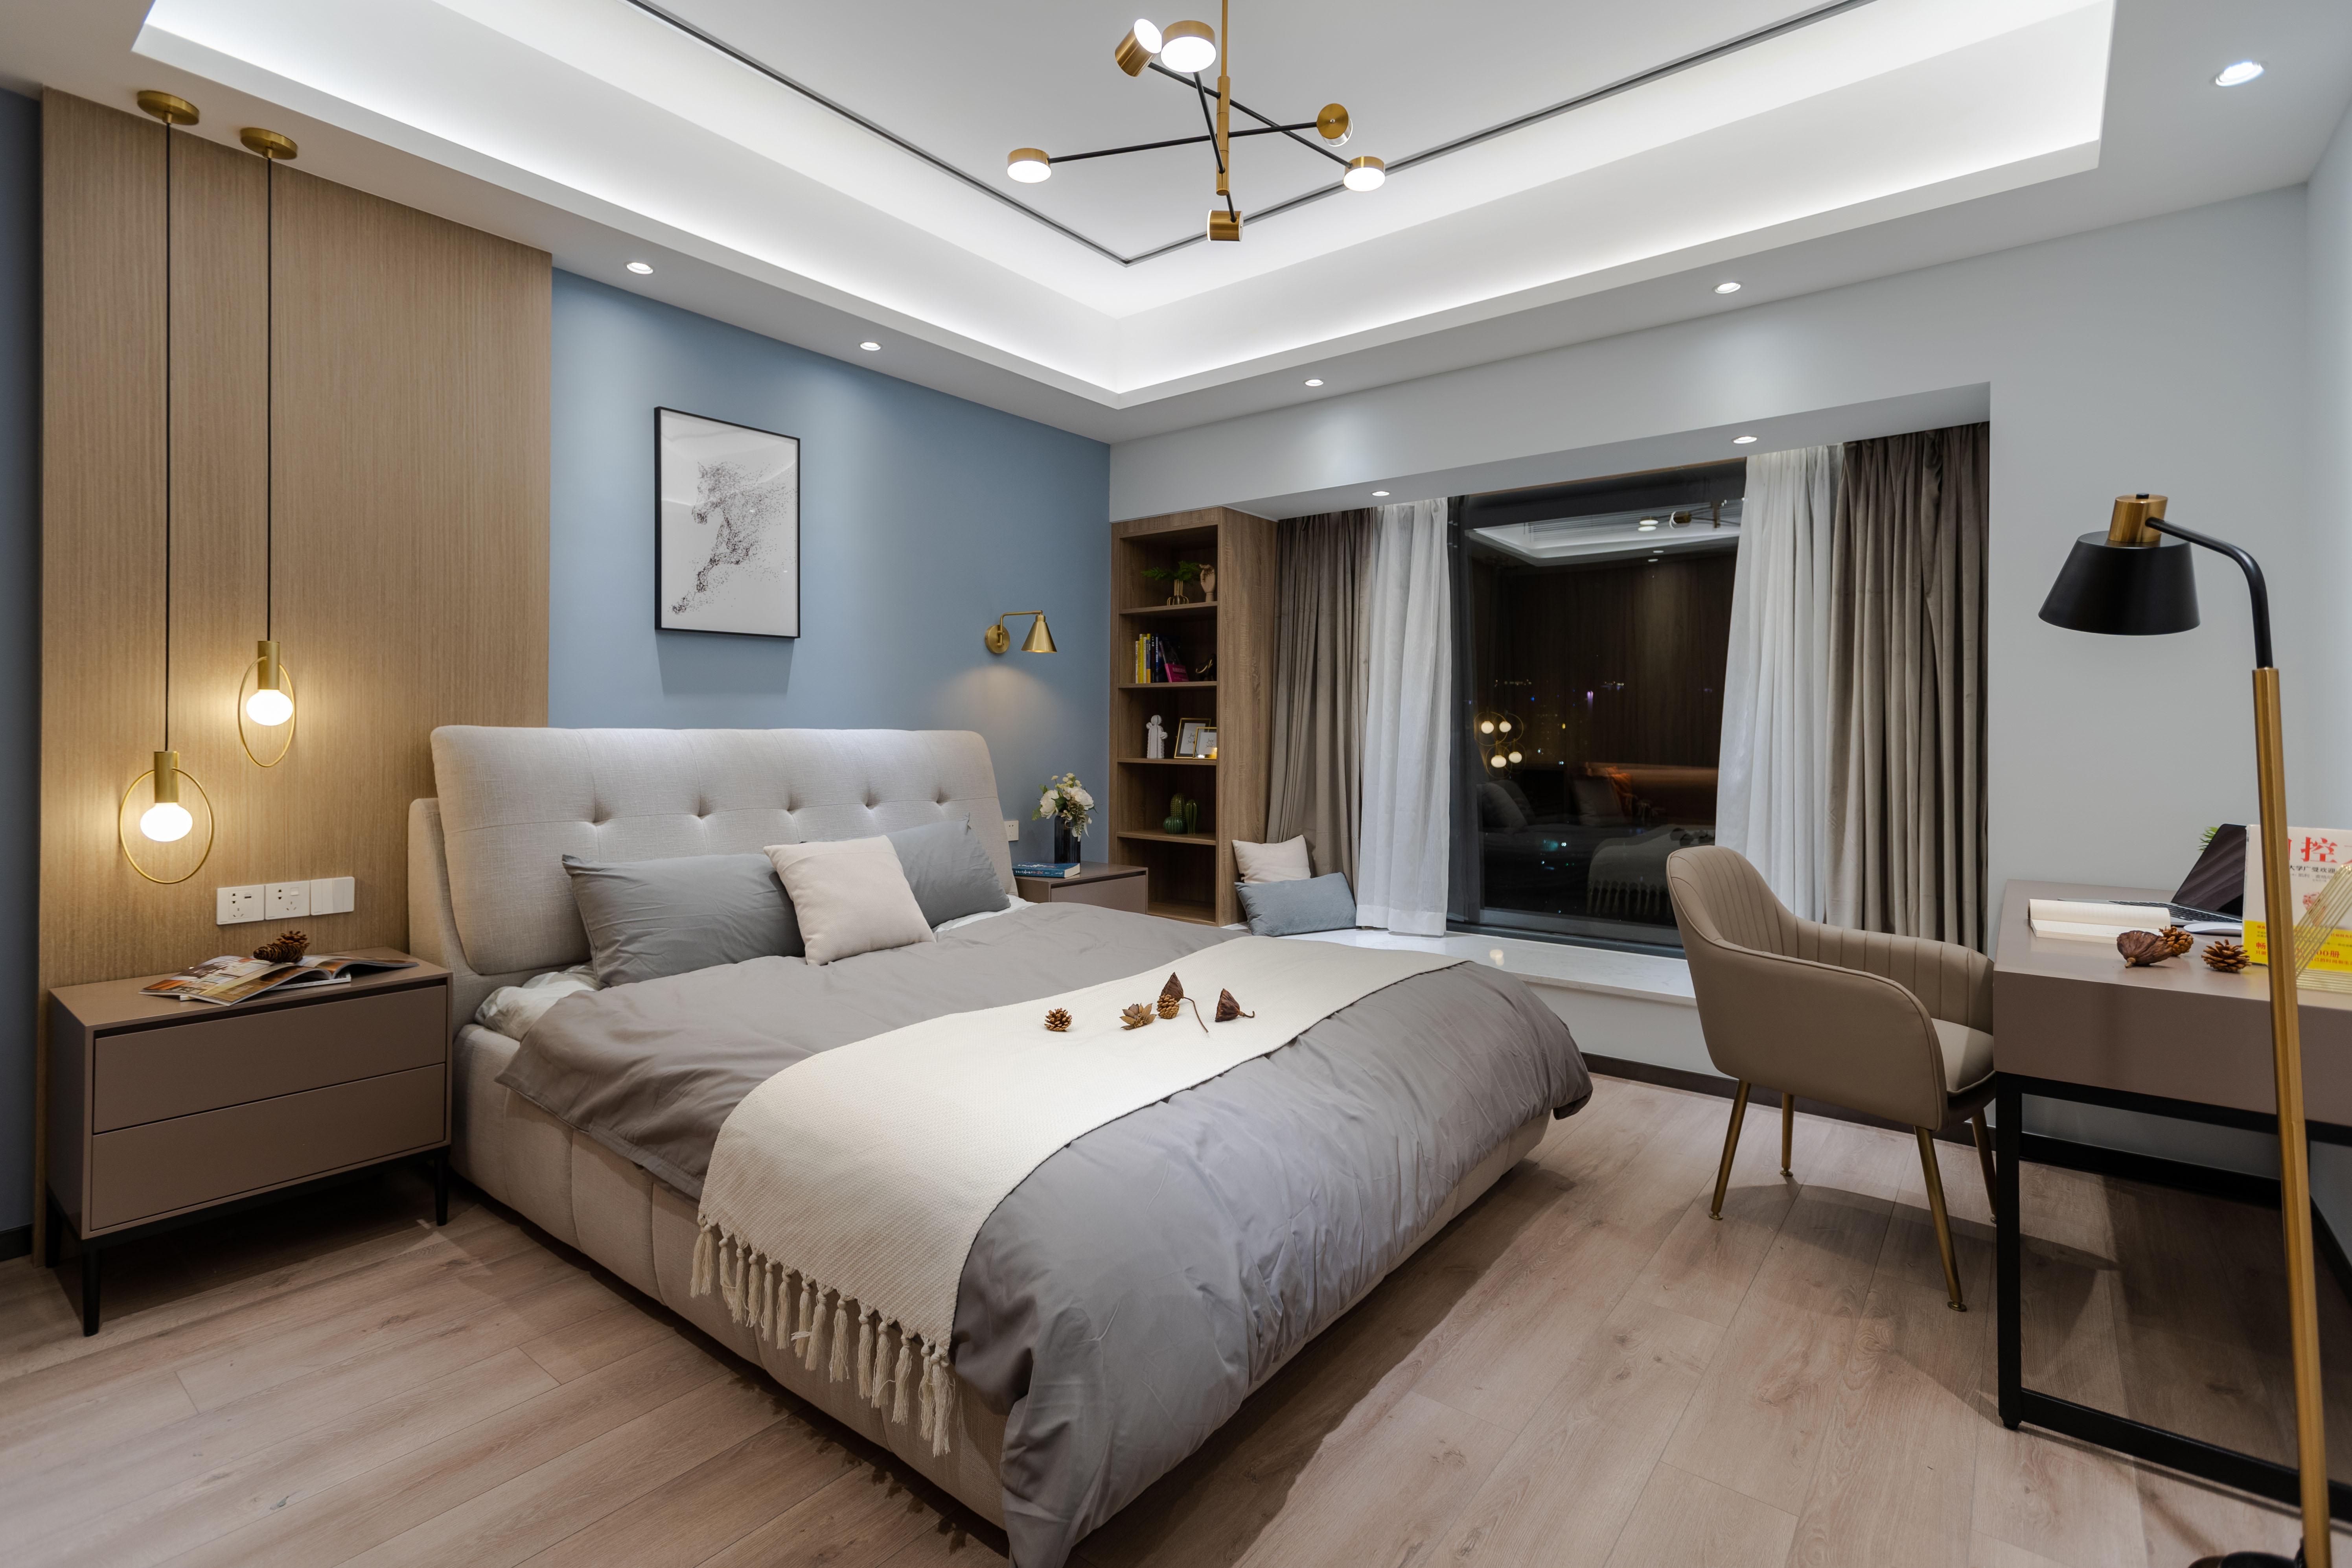 155㎡现代风格卧室装修效果图